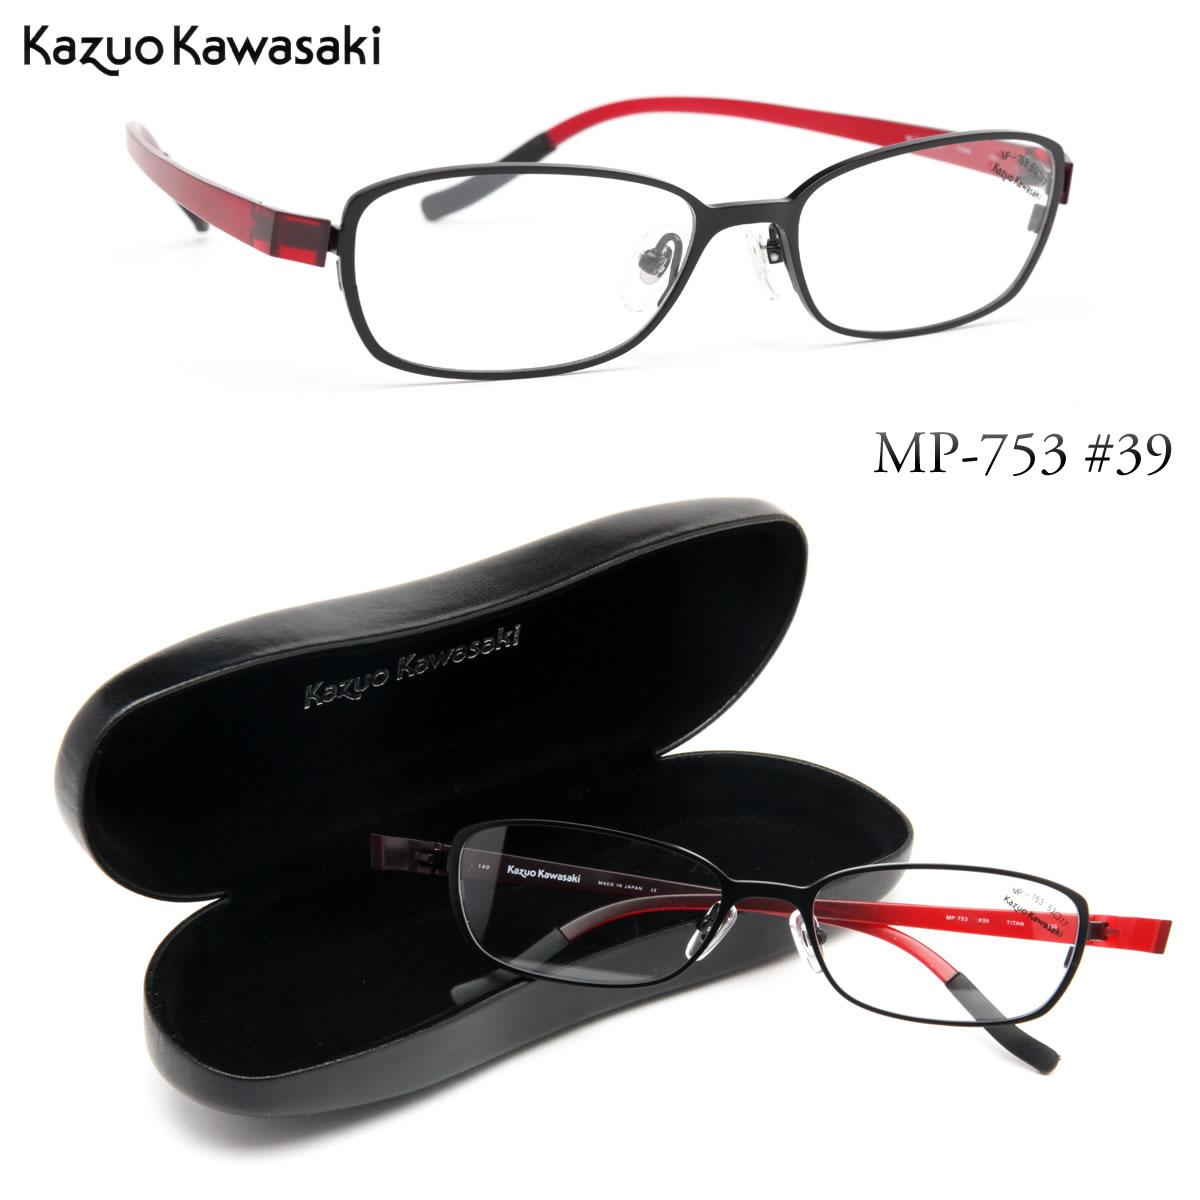 ポイント最大42倍!!お得なクーポンも !! 【KAZUO KAWASAKI メガネ】カワサキカズオ メガネフレーム MP753 39 53サイズ